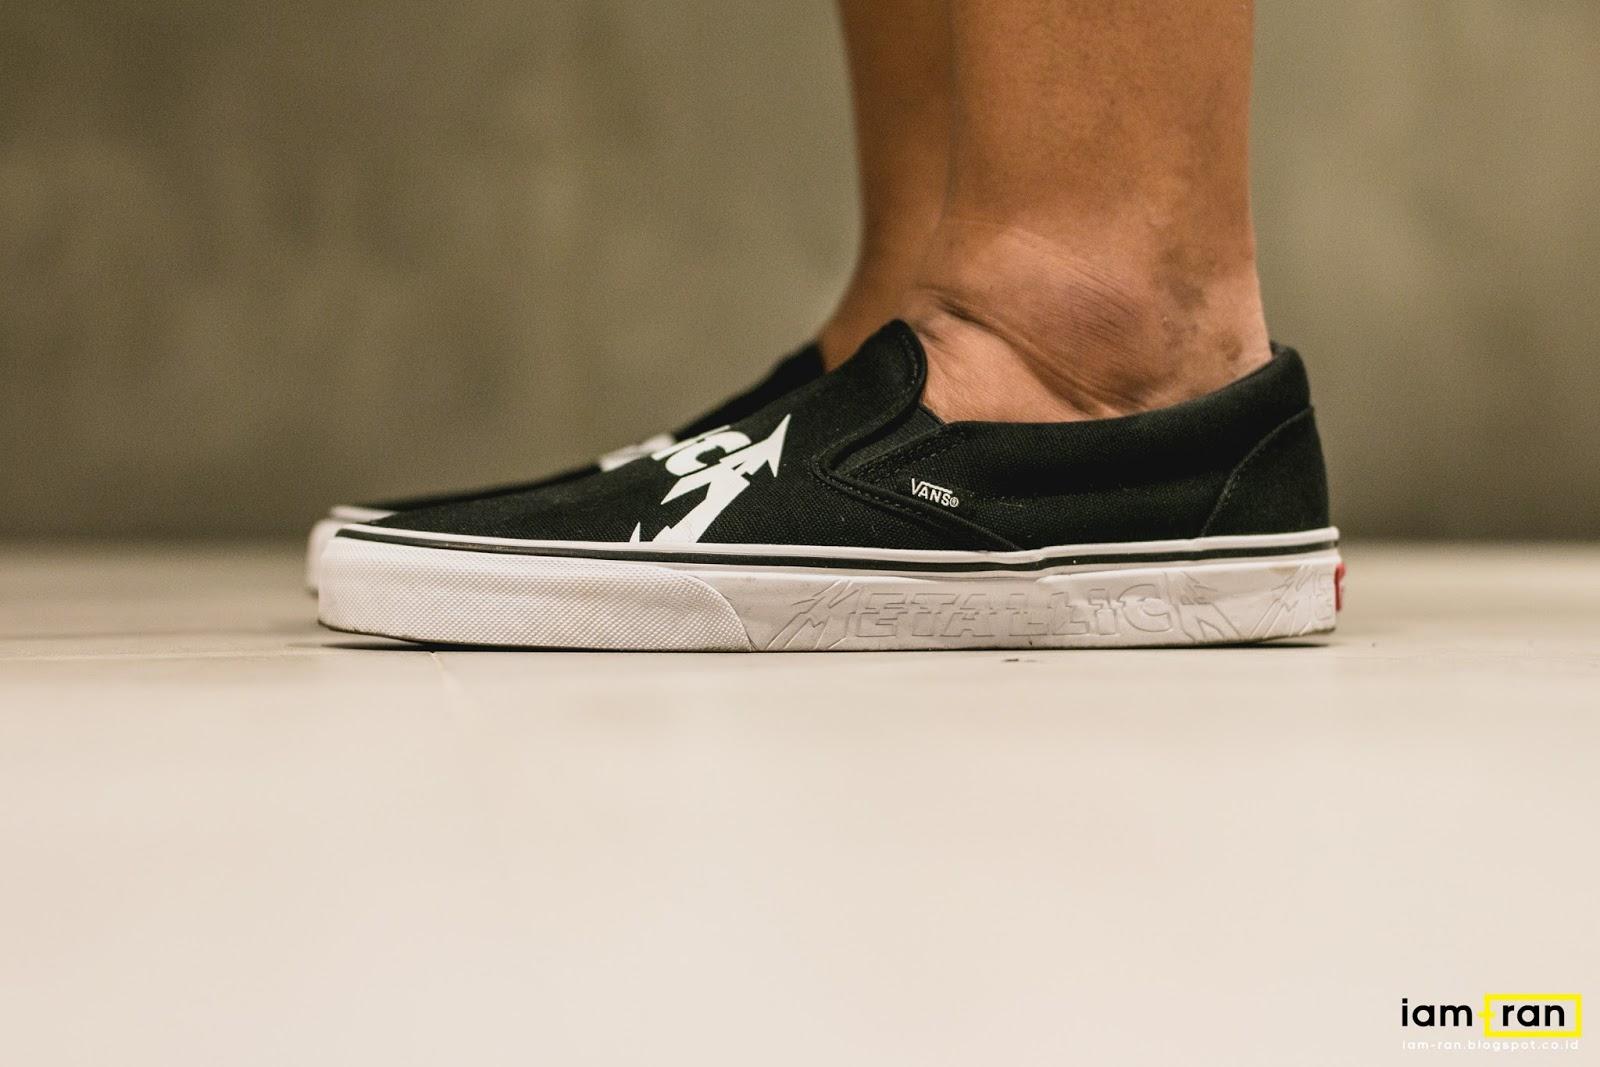 vans slip on on feet